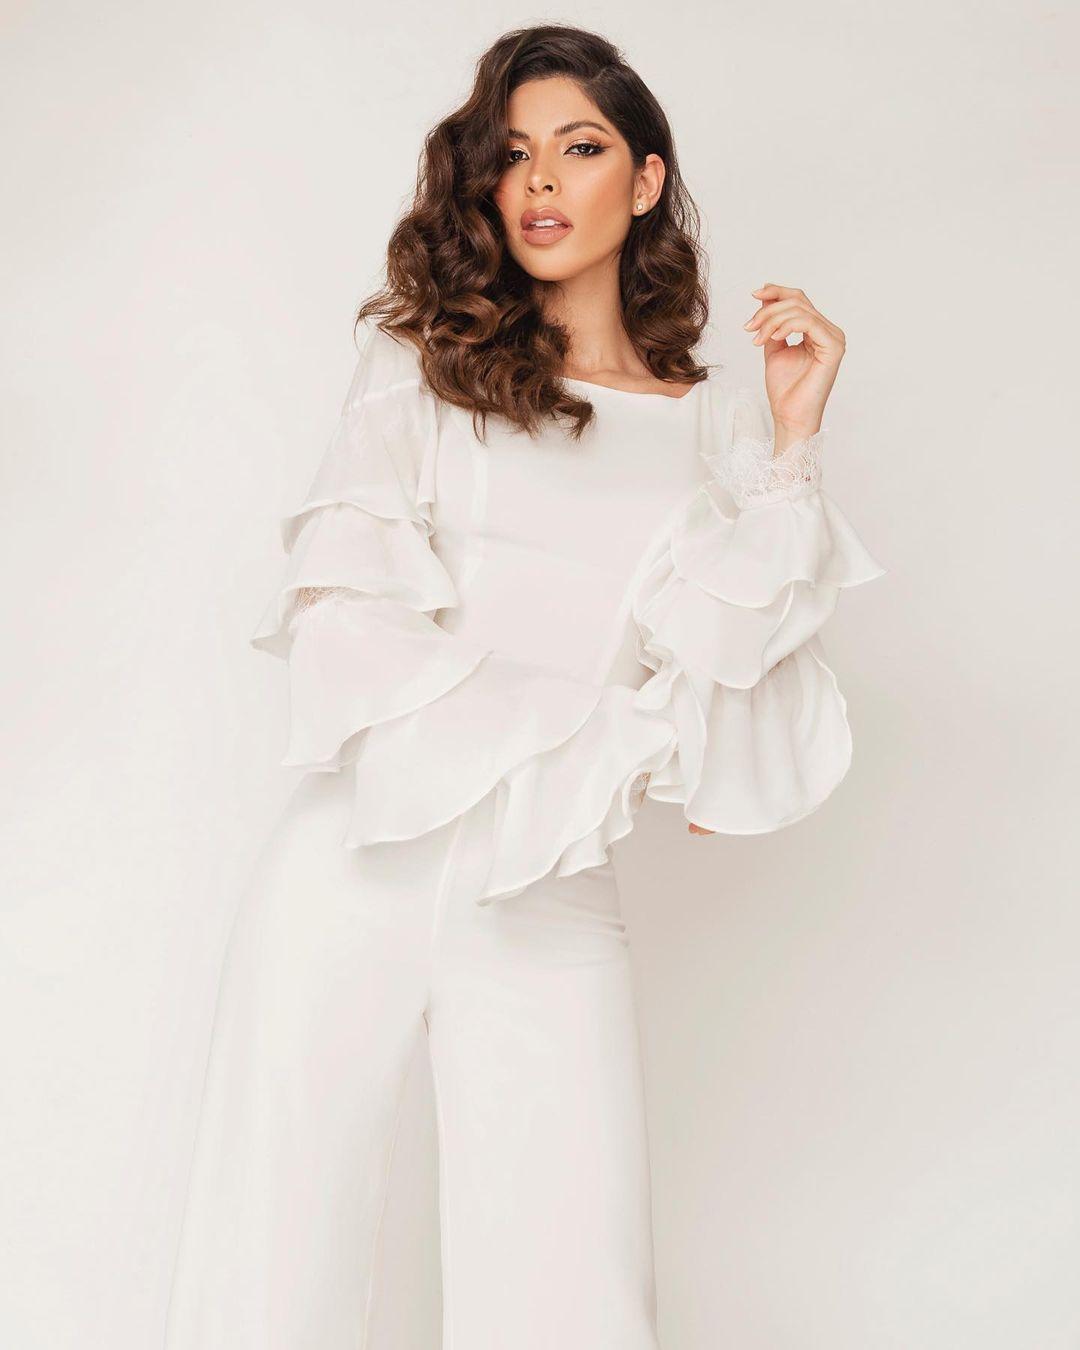 laura olascuaga, top 21 de miss universe 2020. - Página 2 Laurao25